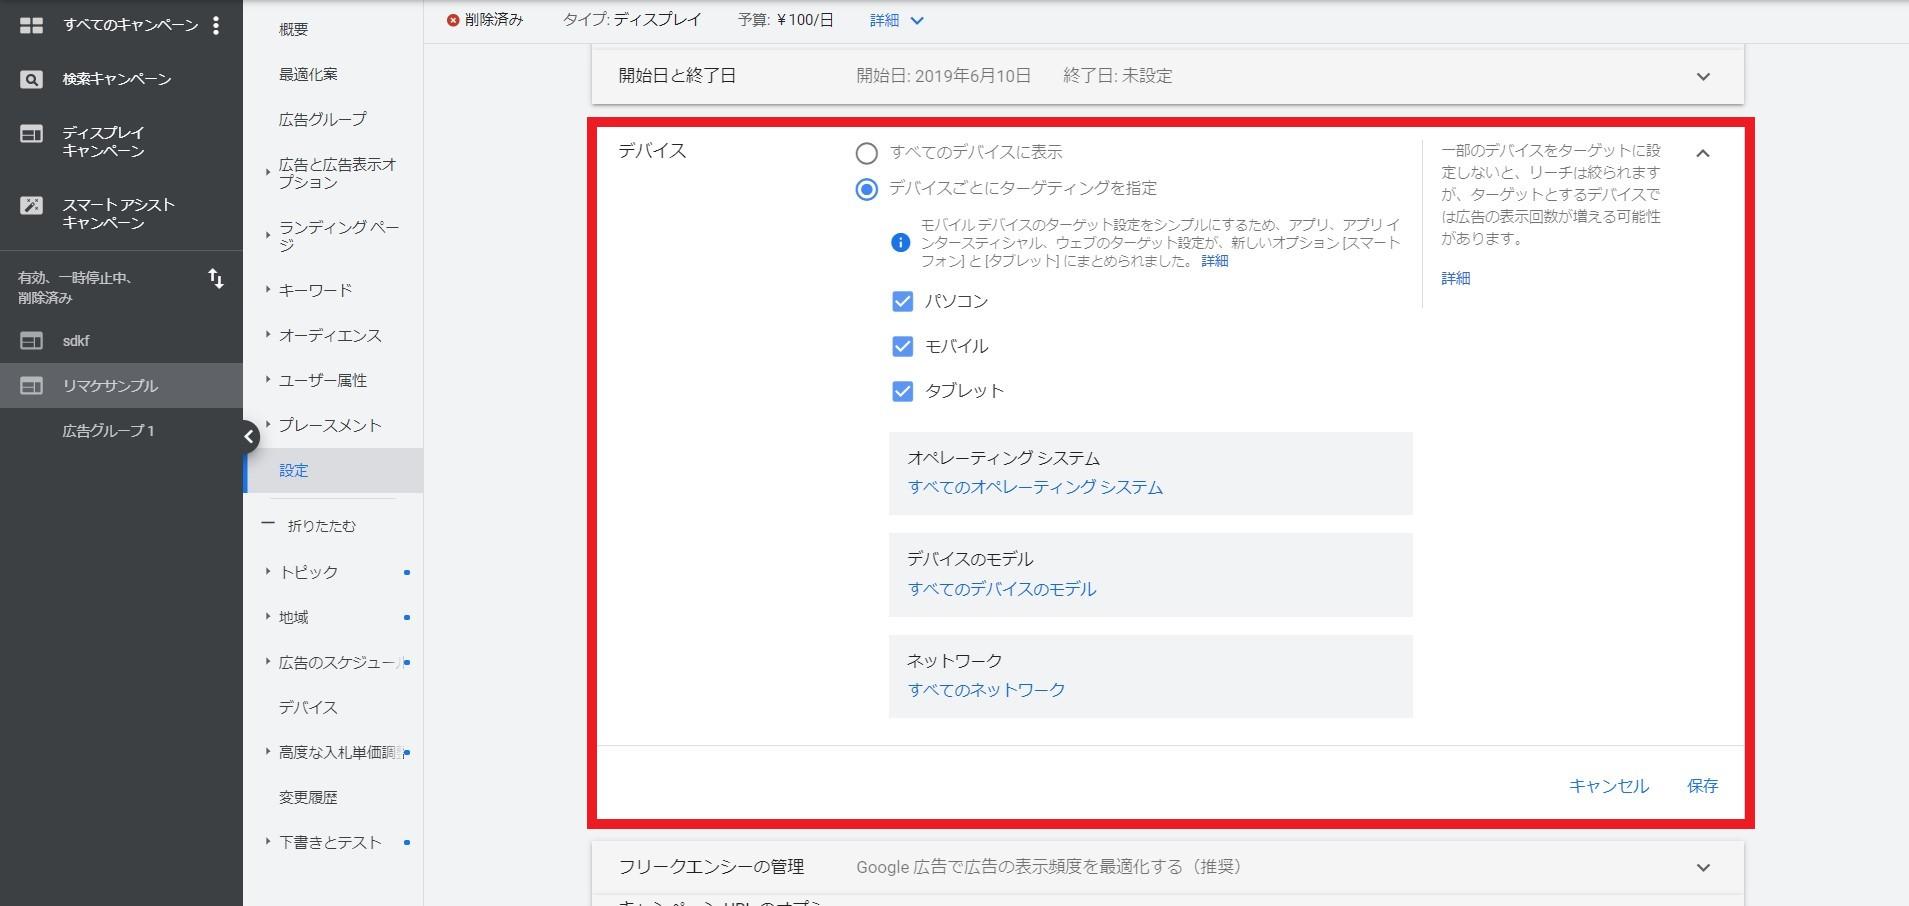 Google広告のデバイスとOS設定